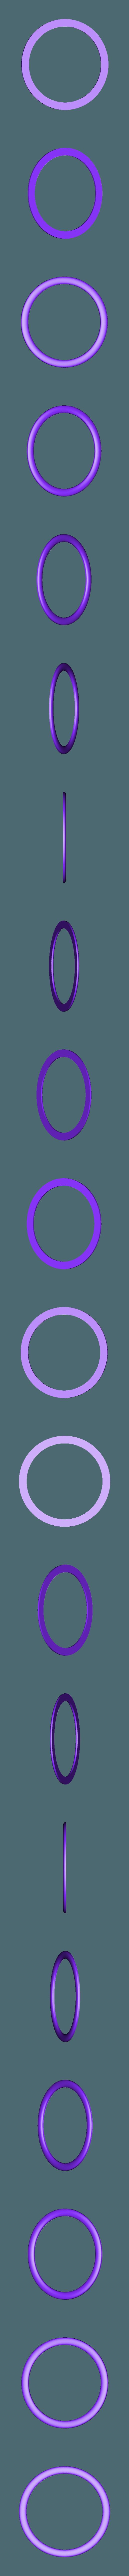 MacWintel_Pro_bottom_foot_.stl Télécharger fichier STL gratuit MacWintel Pro v2.1 • Objet pour impression 3D, The_Craft_Dude